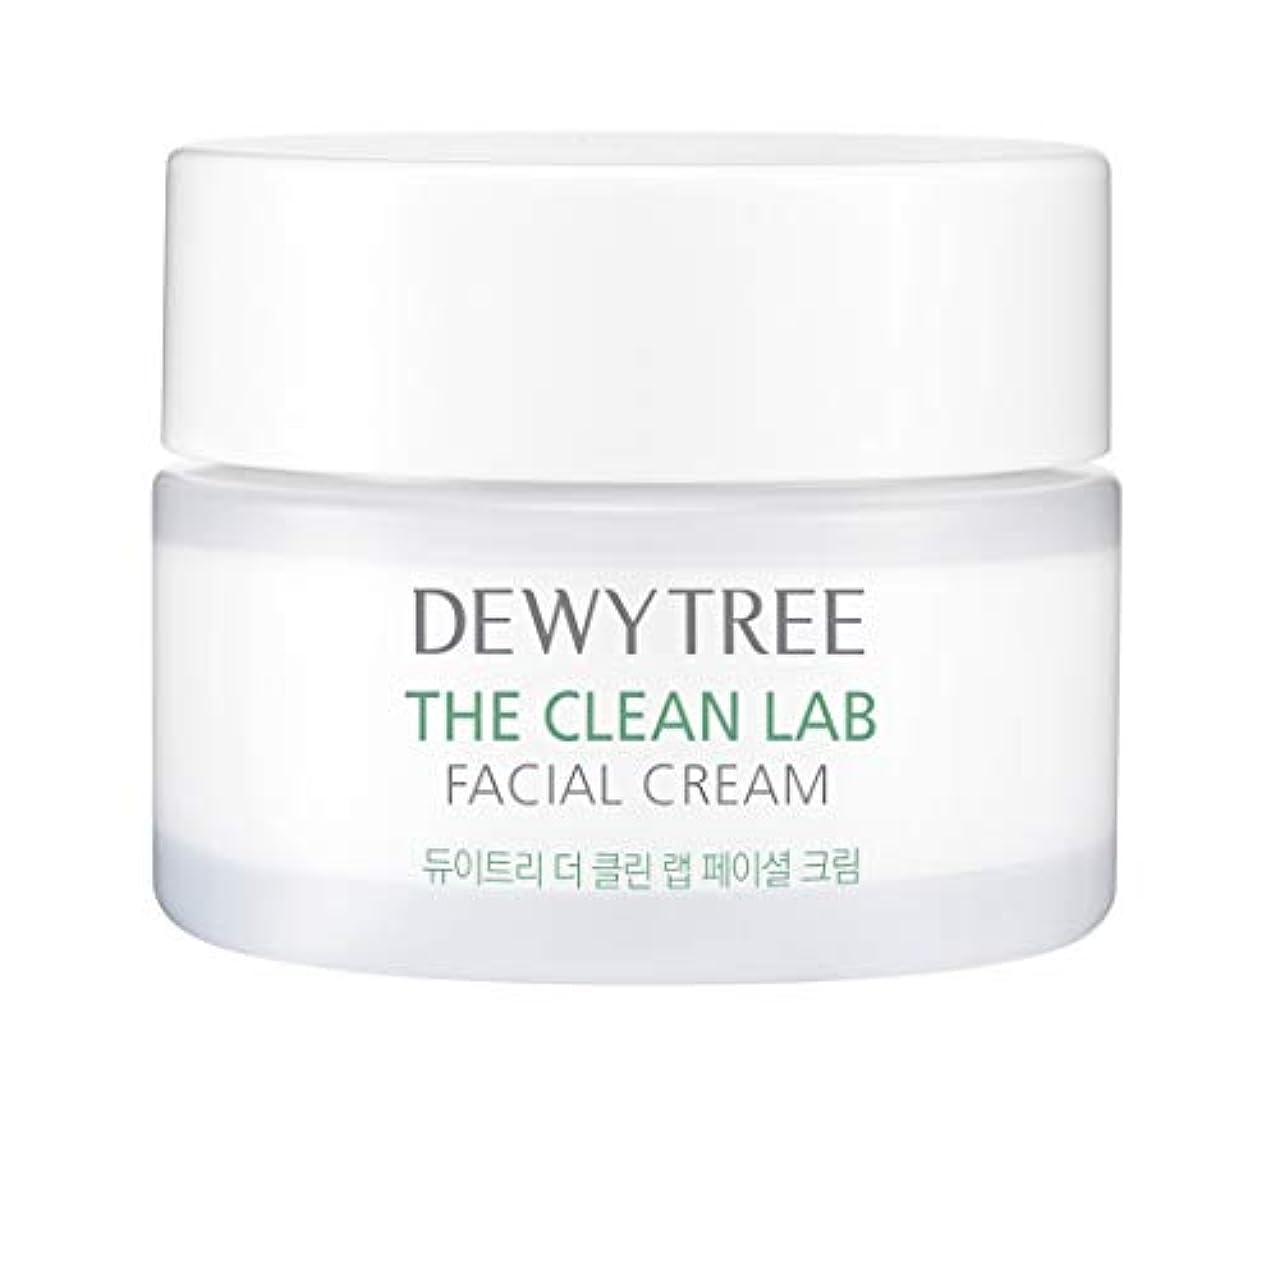 盗賊巡礼者例示する【デューイツリー.dewytree]よりクリーンラップフェイシャルクリーム(75ml)/ the clean lab facial cream + free(laneige. water sleeping mask15ml)